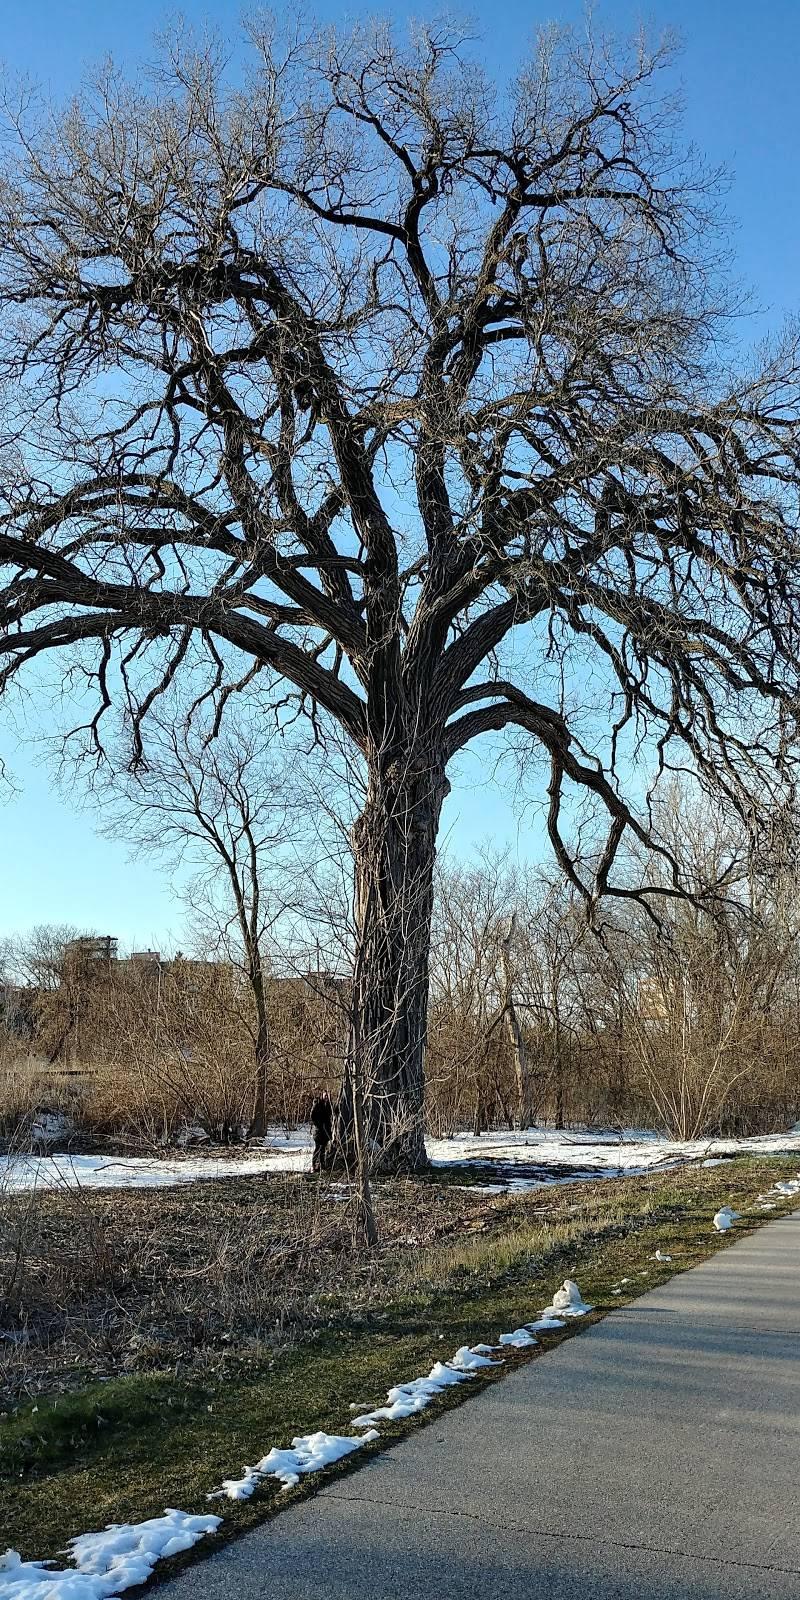 Burr Jones Park - park  | Photo 8 of 9 | Address: 1820 E Washington Ave, Madison, WI 53704, USA | Phone: (608) 266-4711